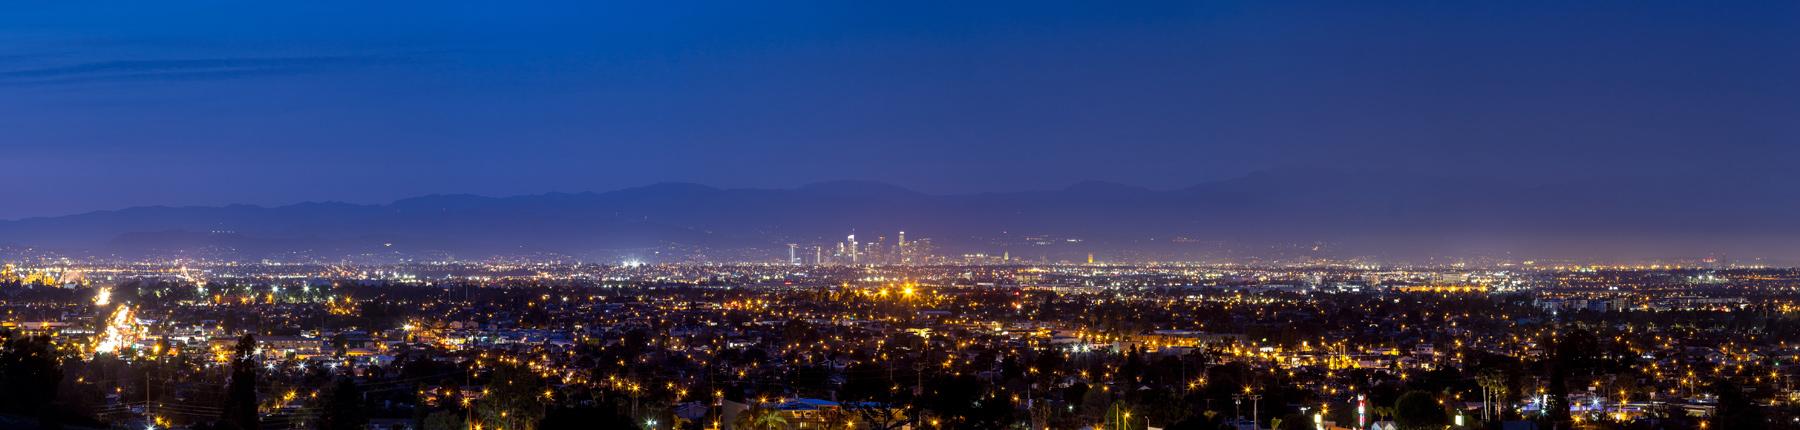 Views of Downtown LA